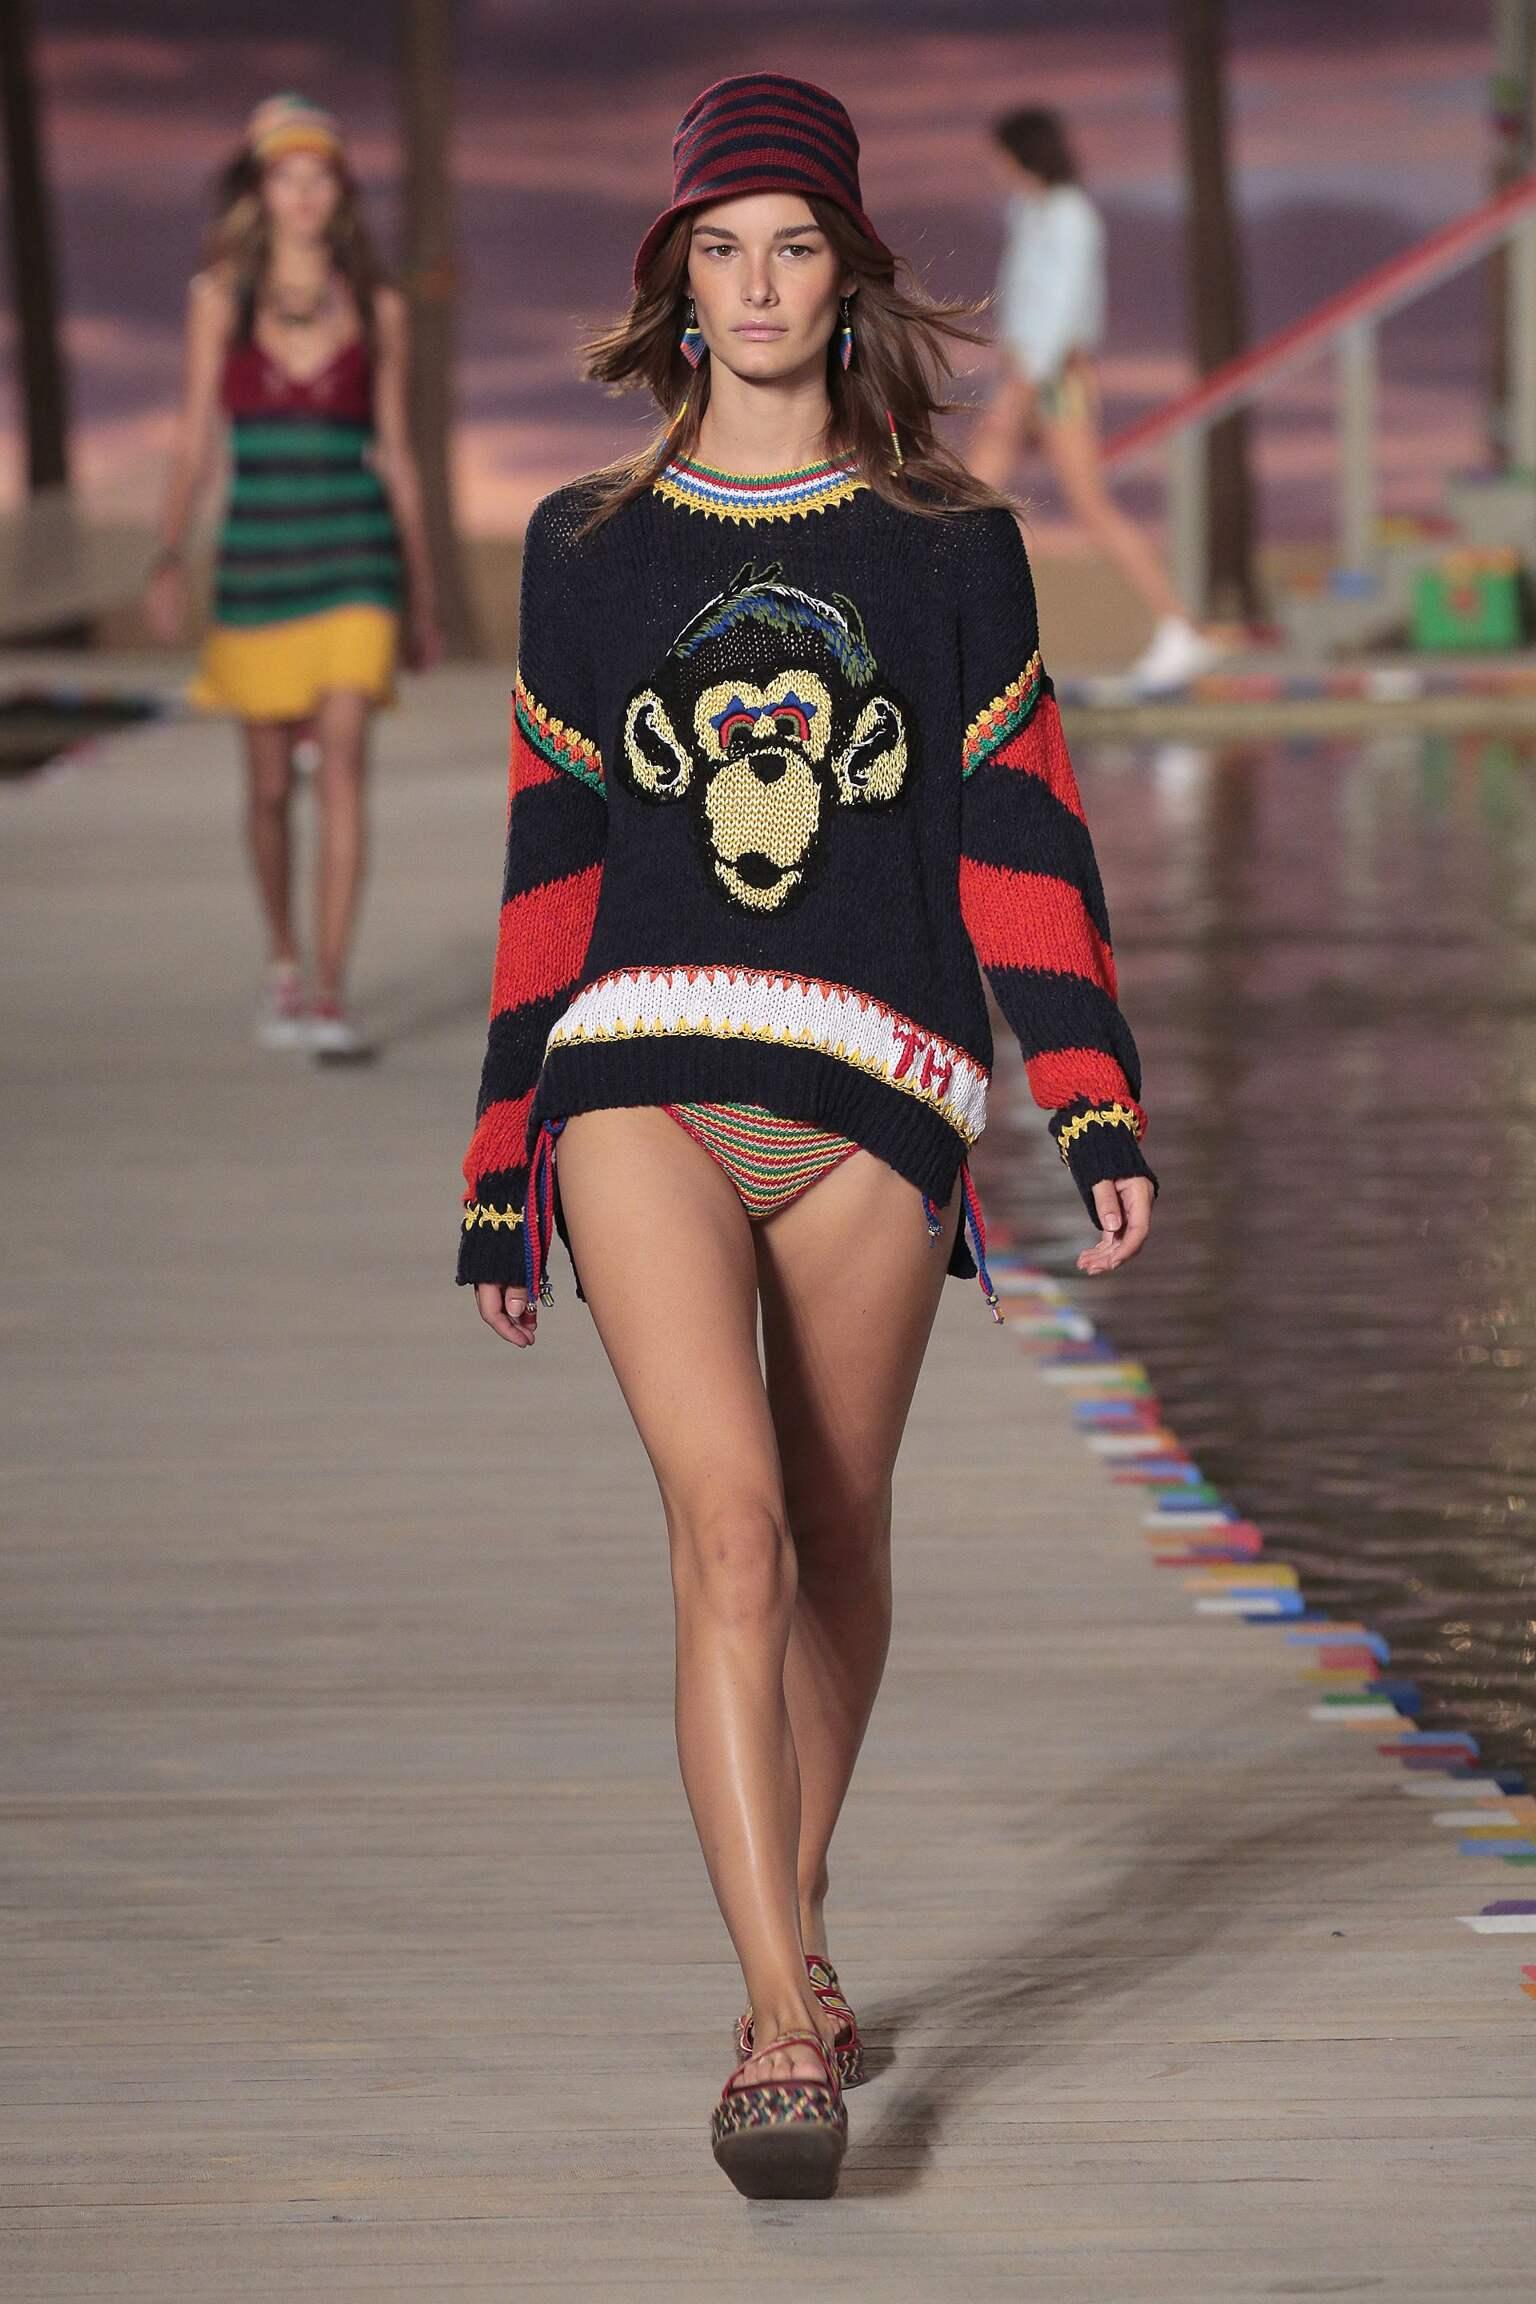 Tommy Hilfiger New York Fashion Week